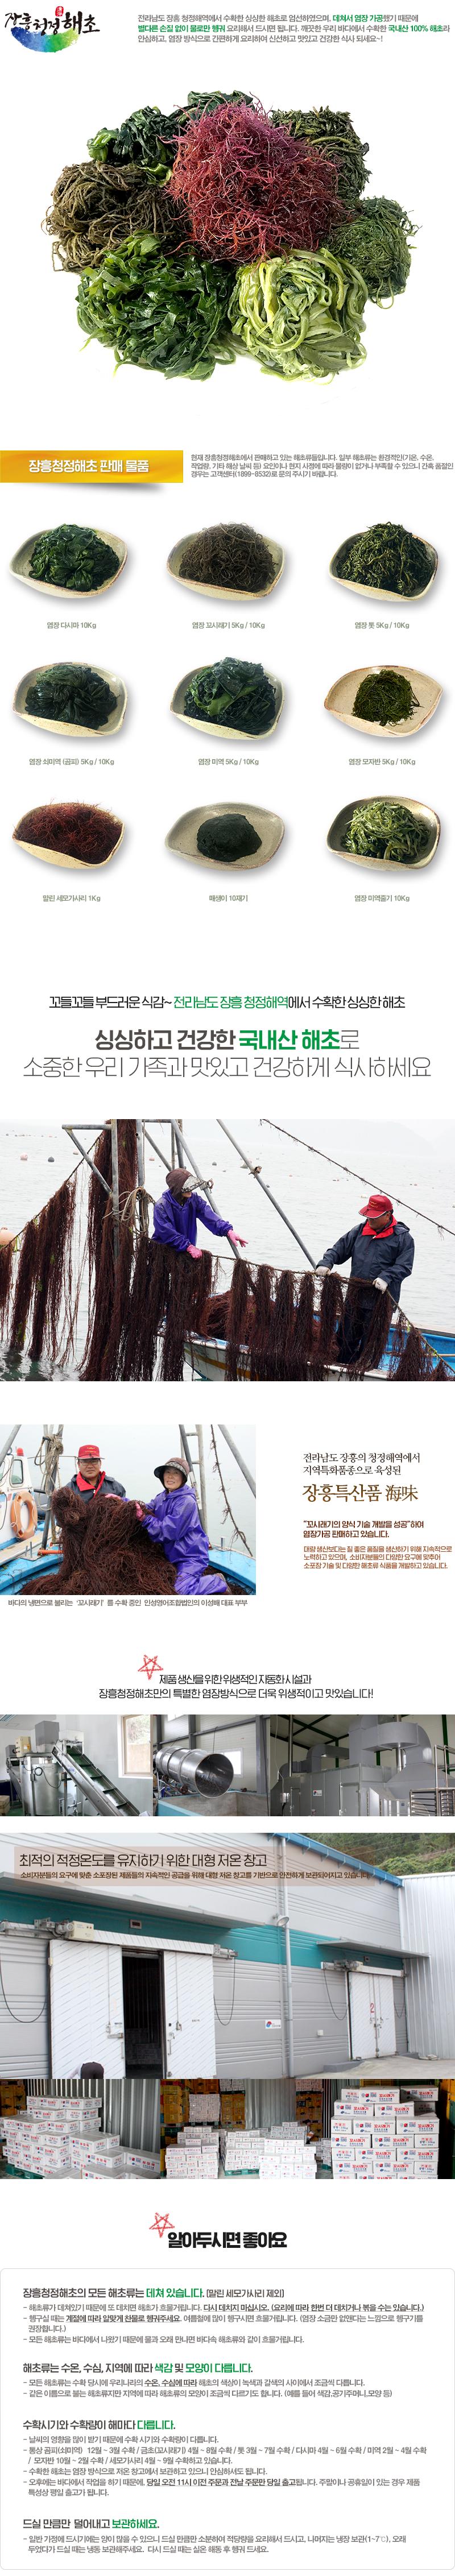 [장흥청정해초] 염장 쇠미역 (곰피) 5kg